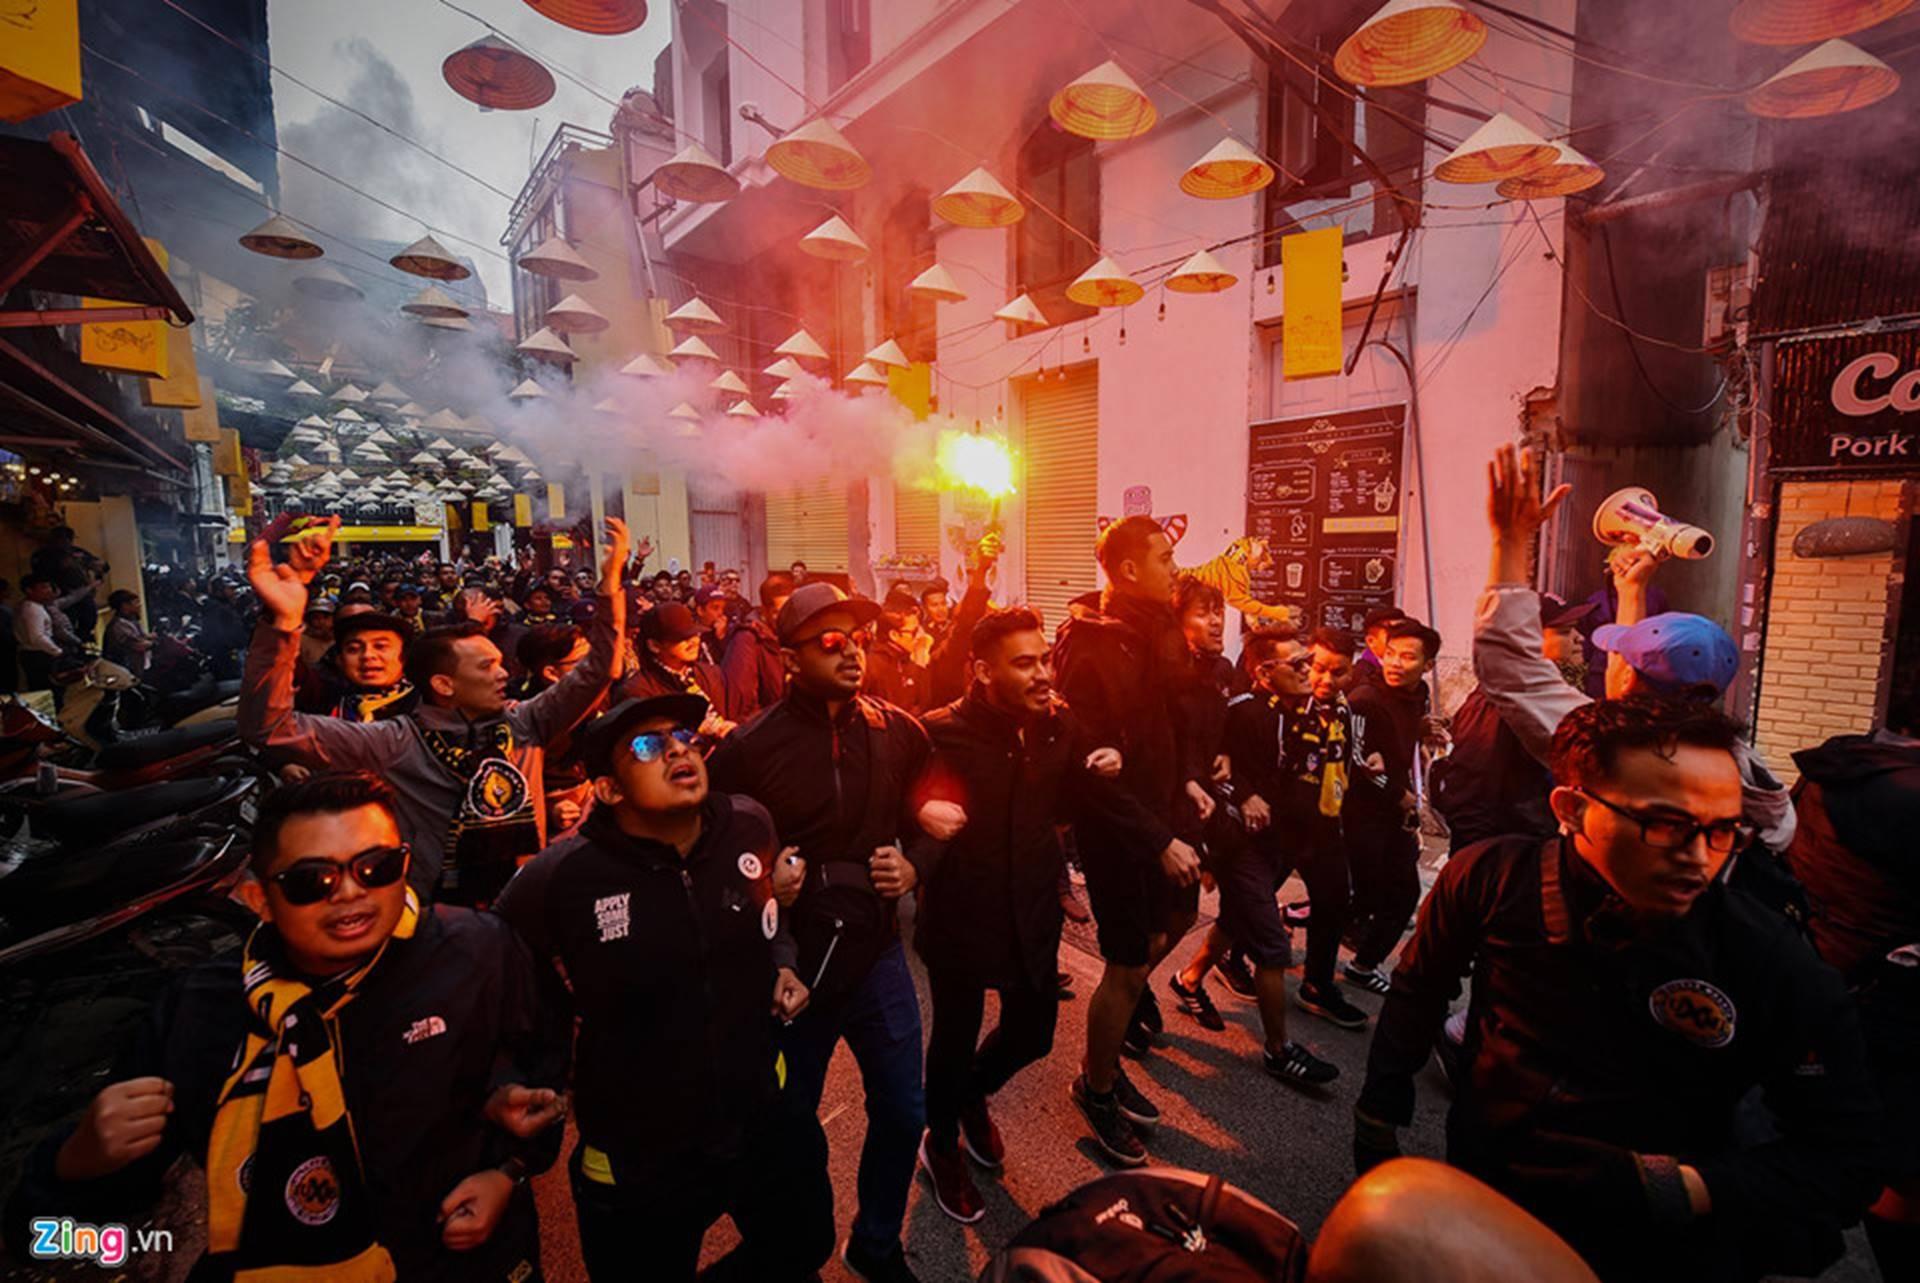 CĐV Malaysia náo loạn phố cổ Hà Nội trước trận chung kết-9